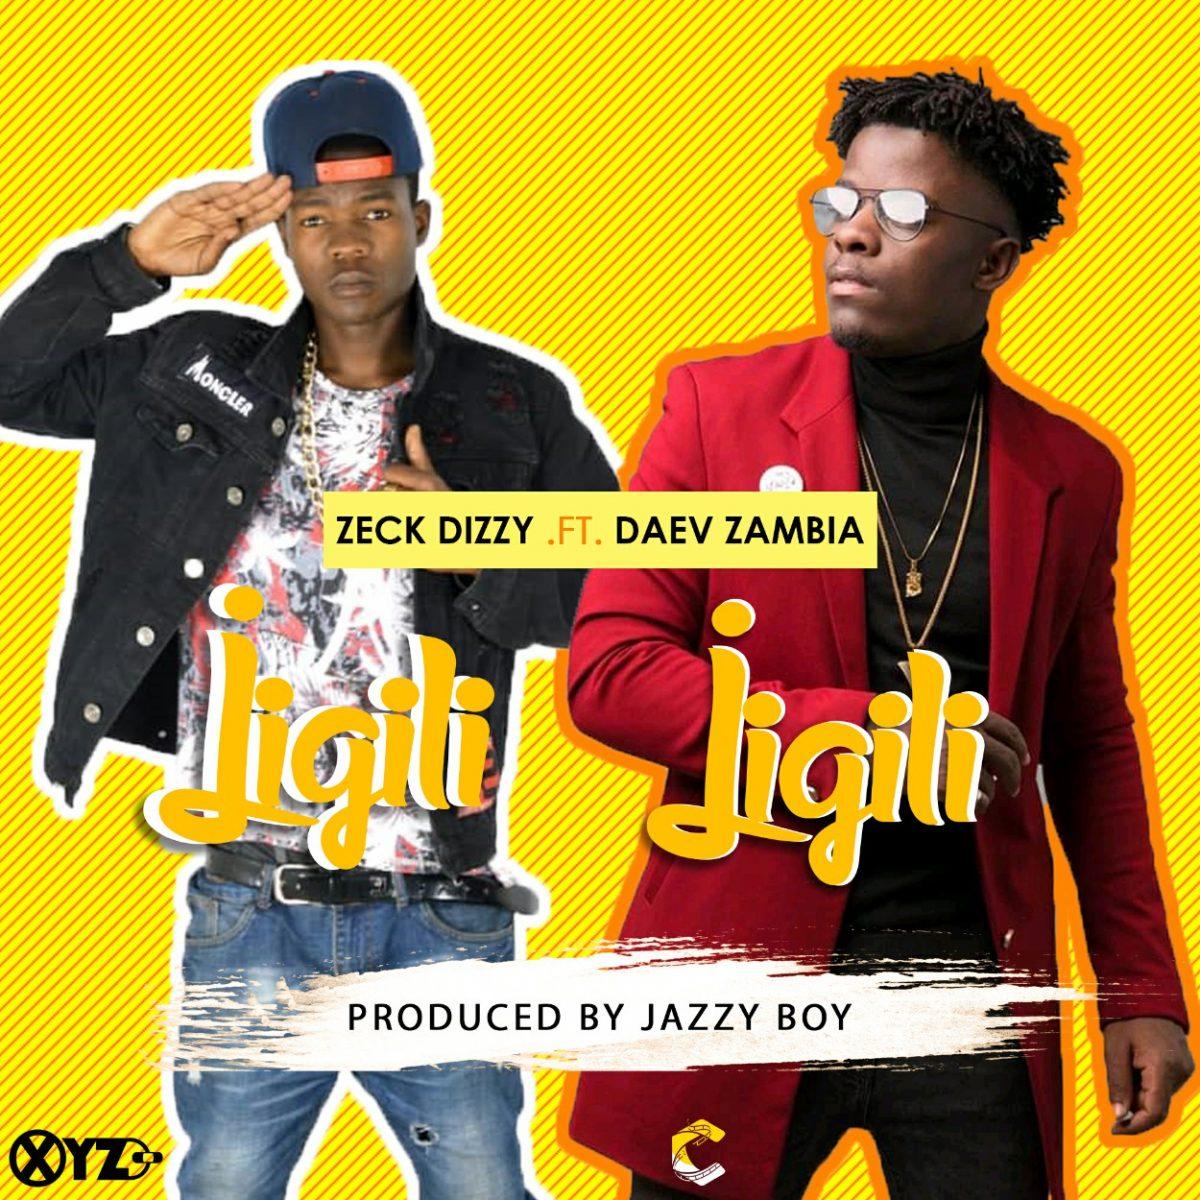 Zeck Dizzy ft. Daev - Jigili Jigili (Prod. Jazzy Boy)